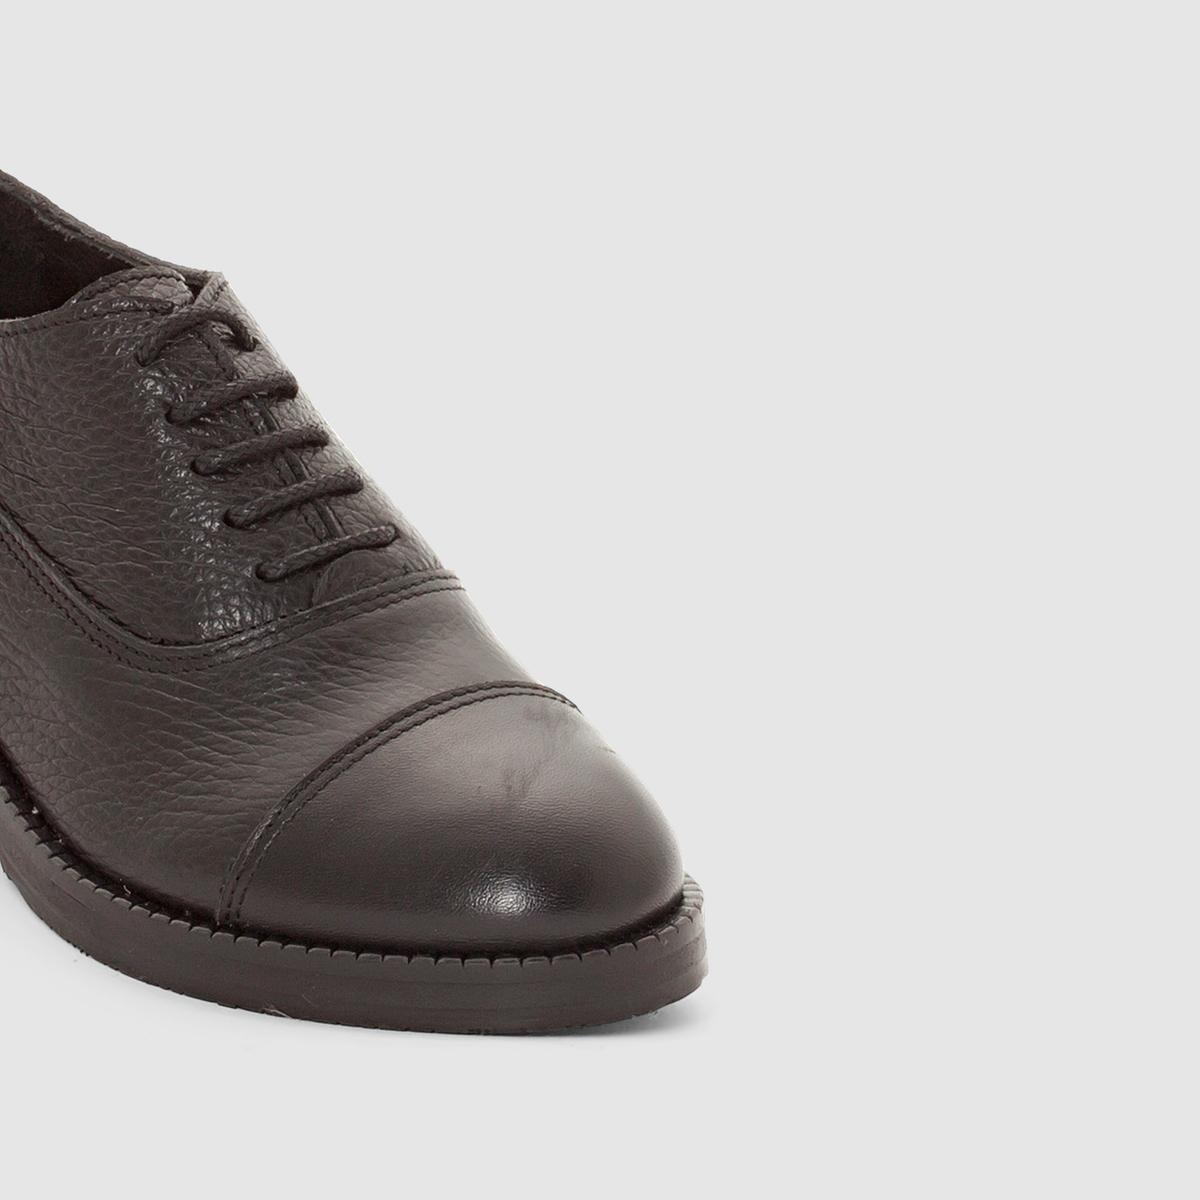 Ботинки-дерби блестящие GEMMAВерх/Голенище : кожа                Подкладка : кожа          Стелька  : кожа          Подошва : Каучук.   Форма каблука : плоский каблук         Мысок : закругленный          Застежка : Шнуровка         Преимущества : Марка детской обуви от фирмы JONAK<br><br>Цвет: черный<br>Размер: 38.36